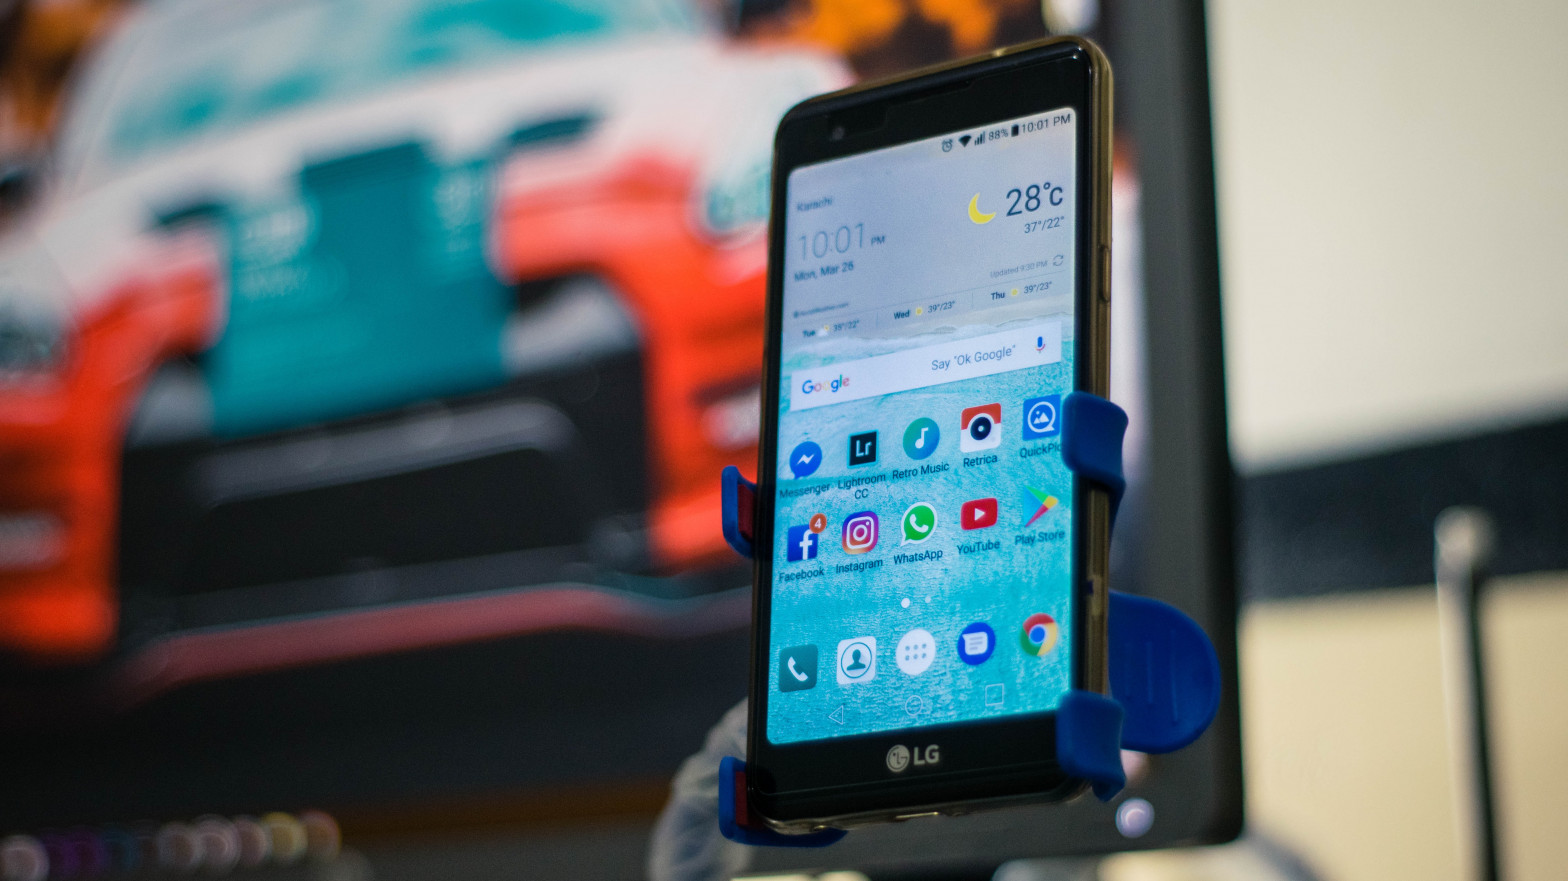 LG cierra su negocio de telefonía móvil tras varios años de pérdidas